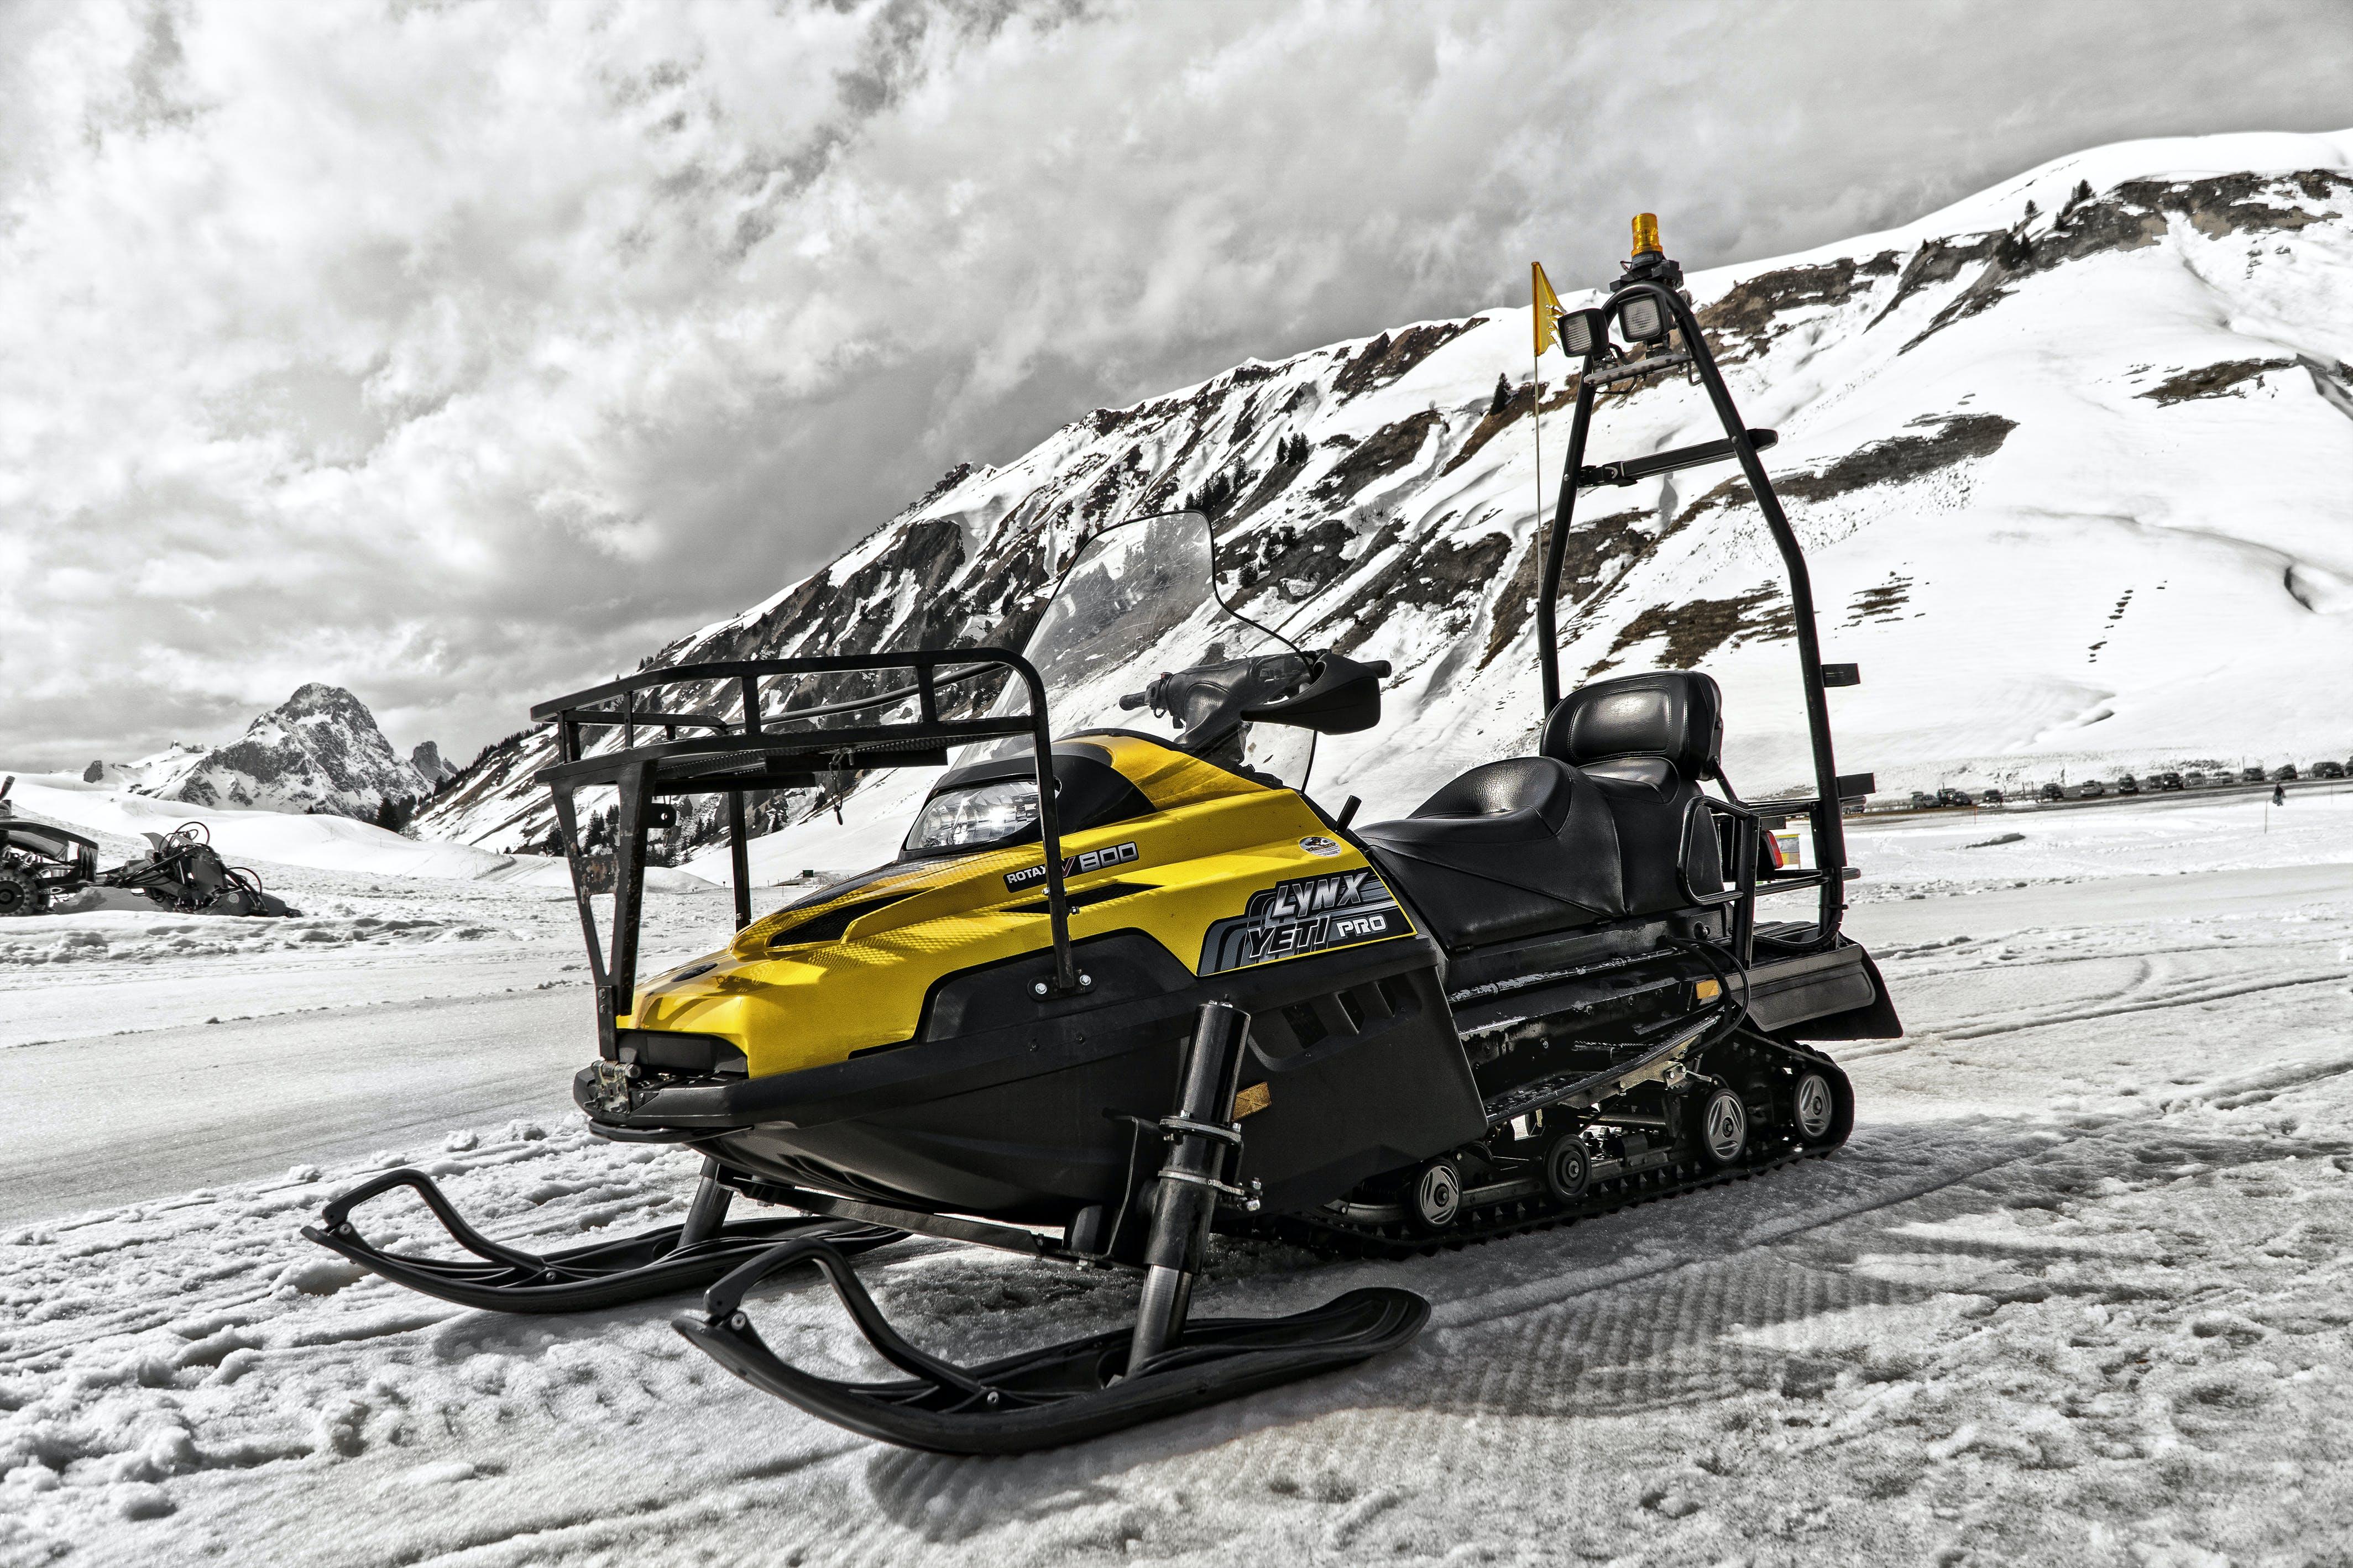 araç, dağ, kar, kar aracı içeren Ücretsiz stok fotoğraf